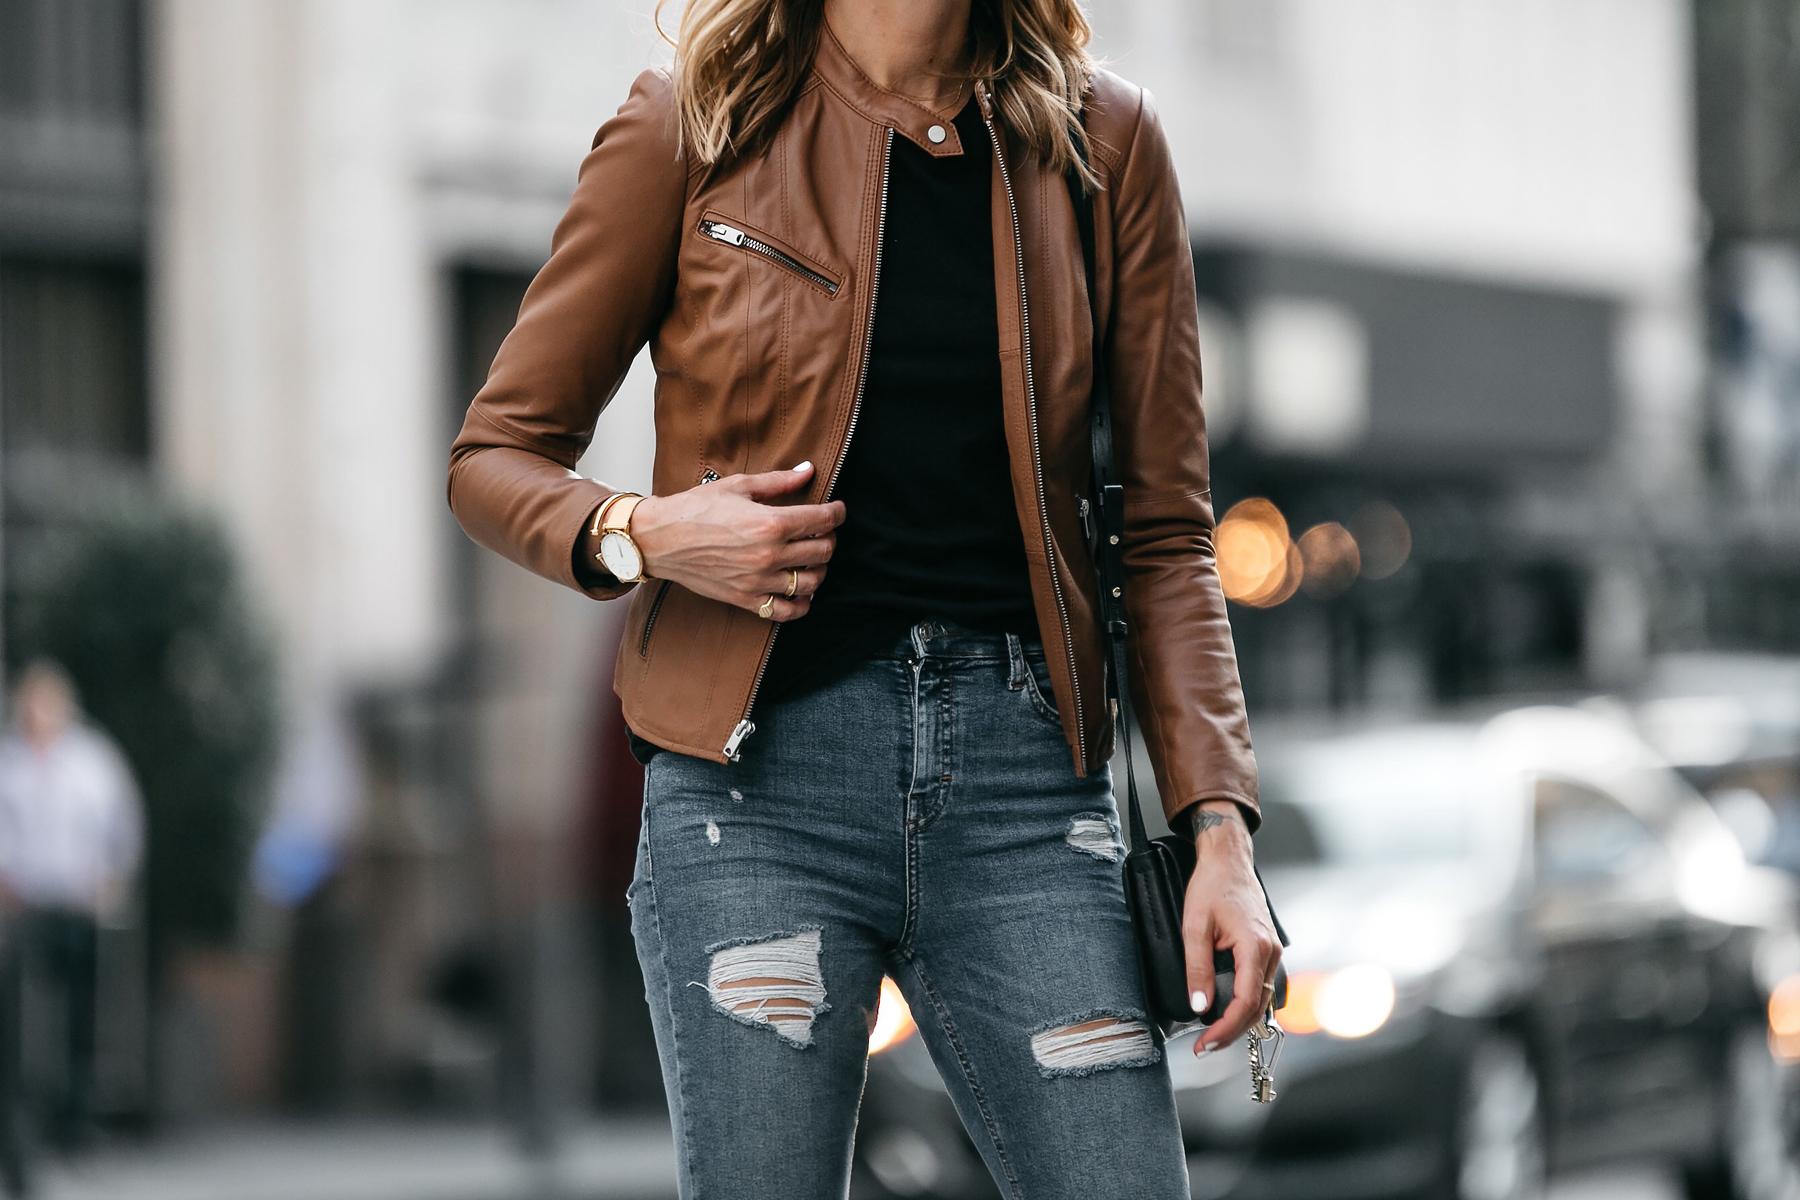 Leather jackets fashion blog Bringing Up Baby - Wikipedia